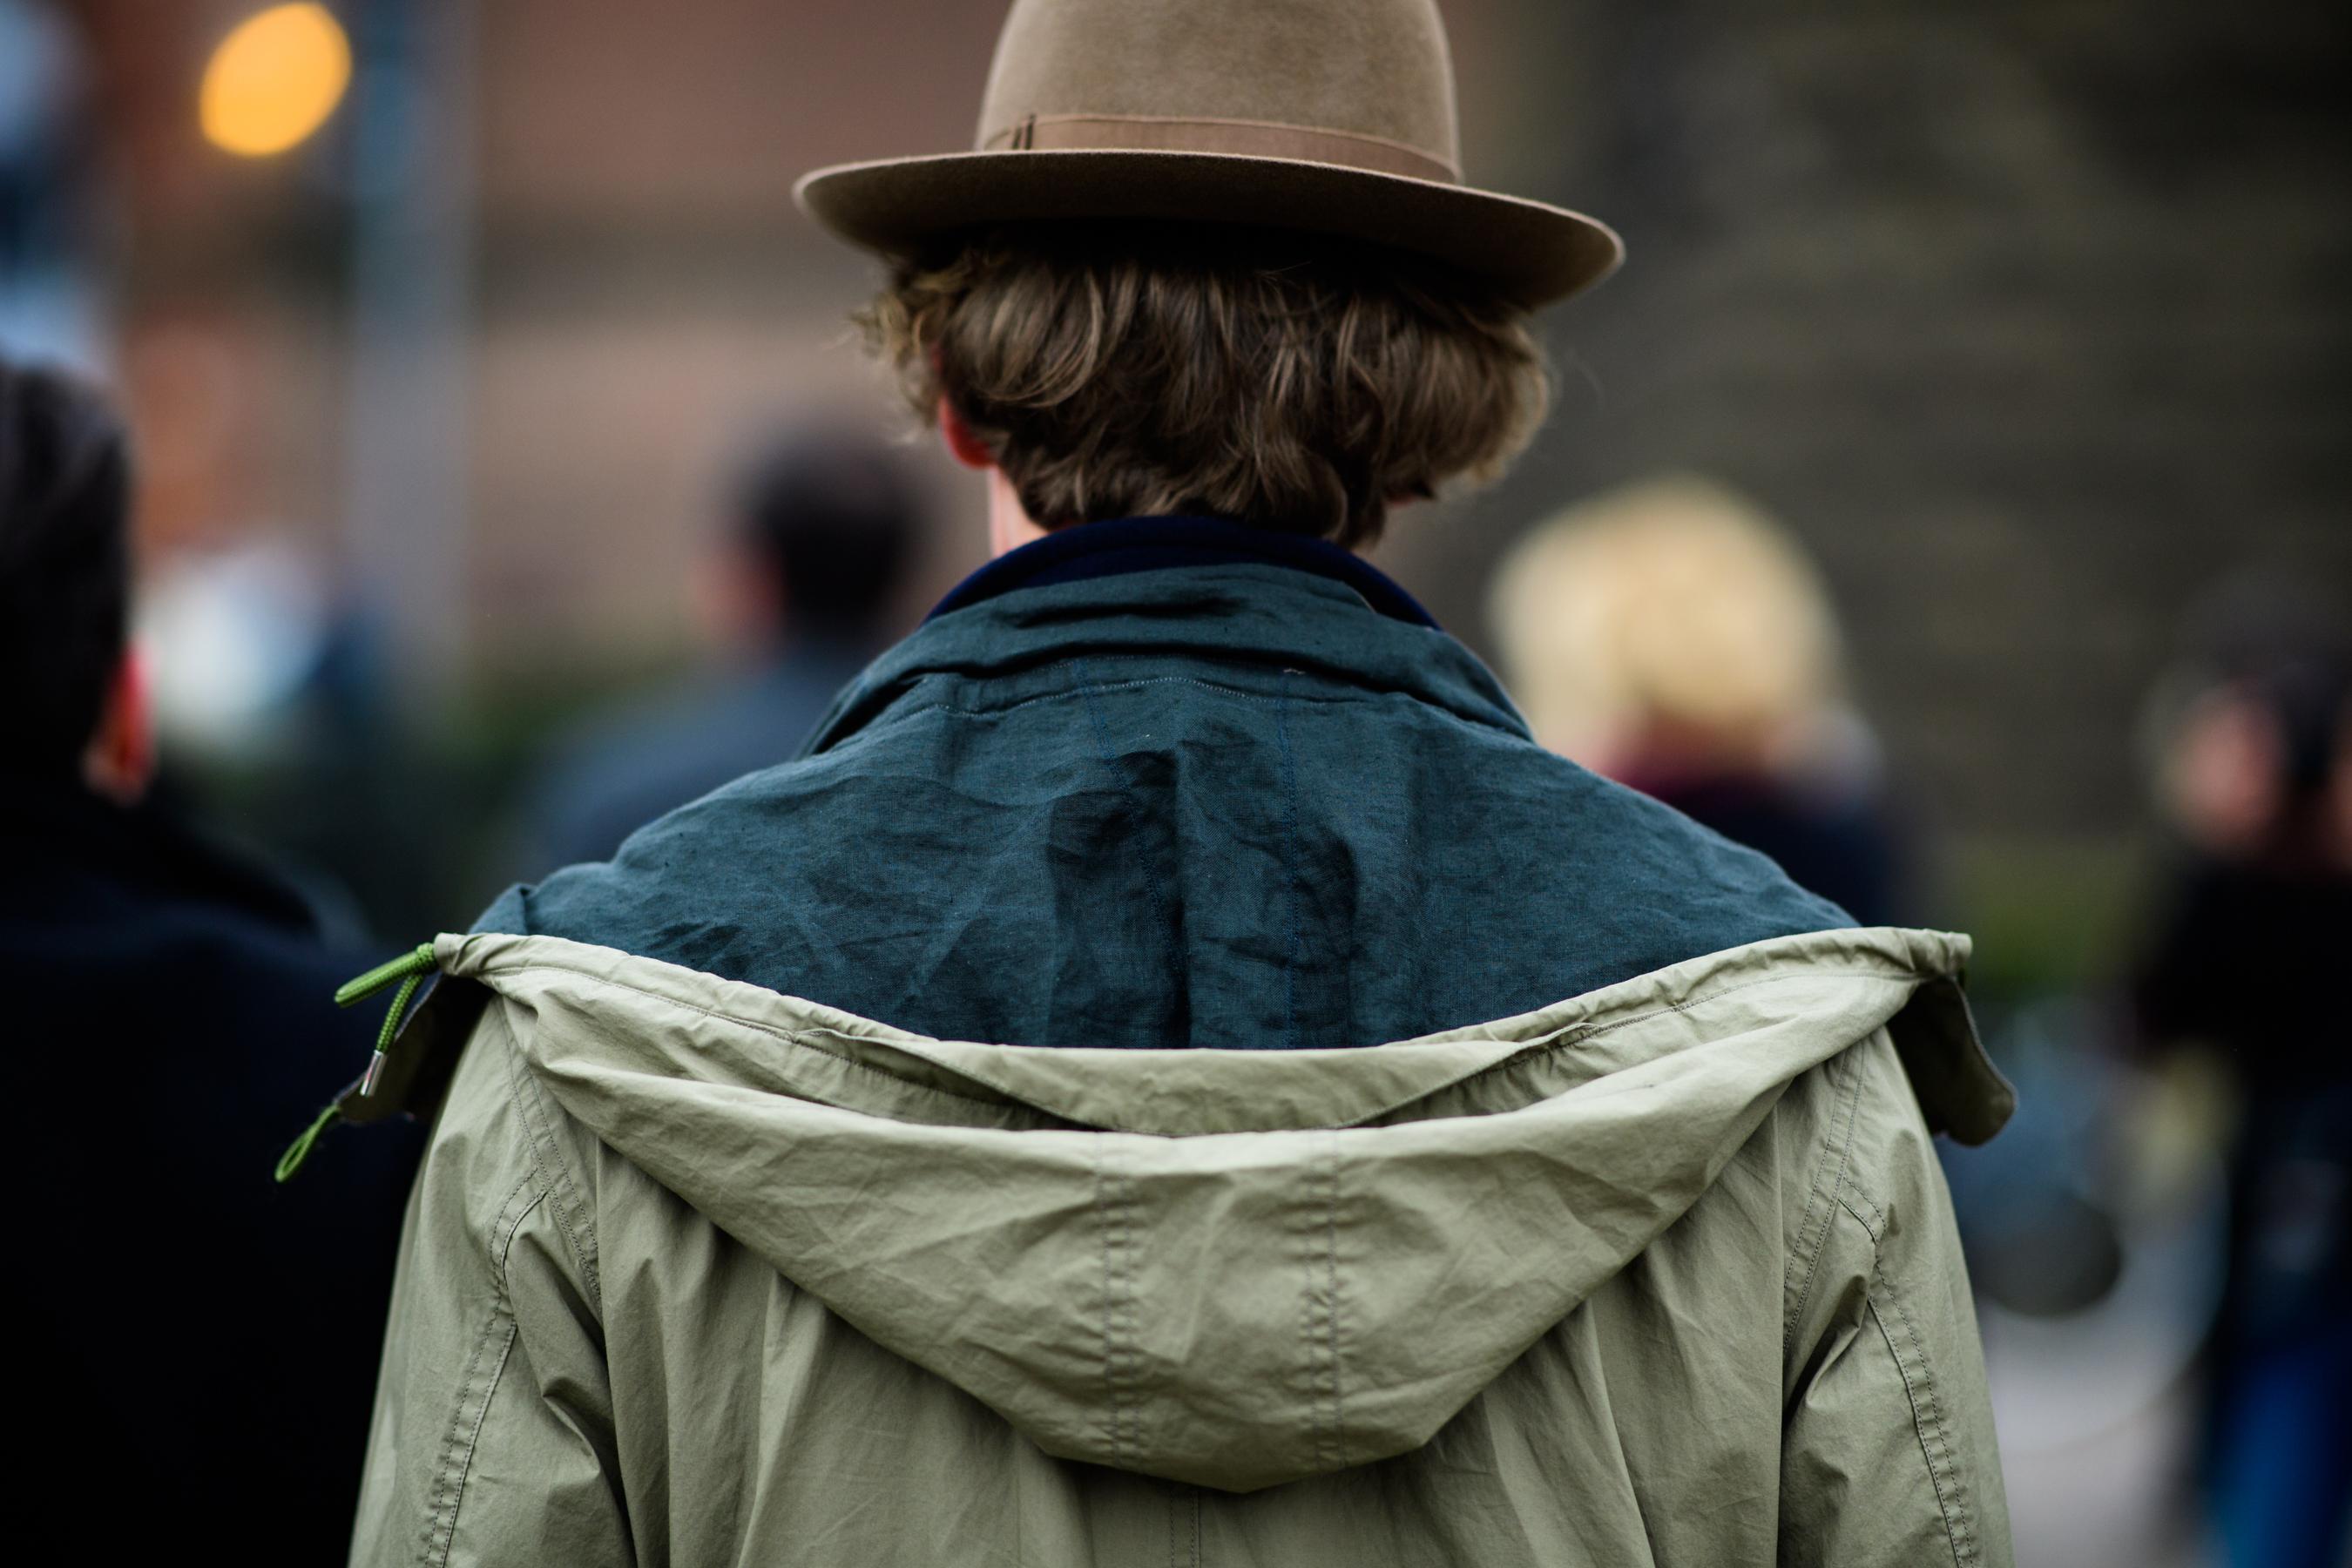 Pitti Uomo 91, street style, estilo de rua, florença, feira de moda, moda masculina, blog de moda masculina, alex cursino, menswear, dicas de moda, como ser estiloso, (4)